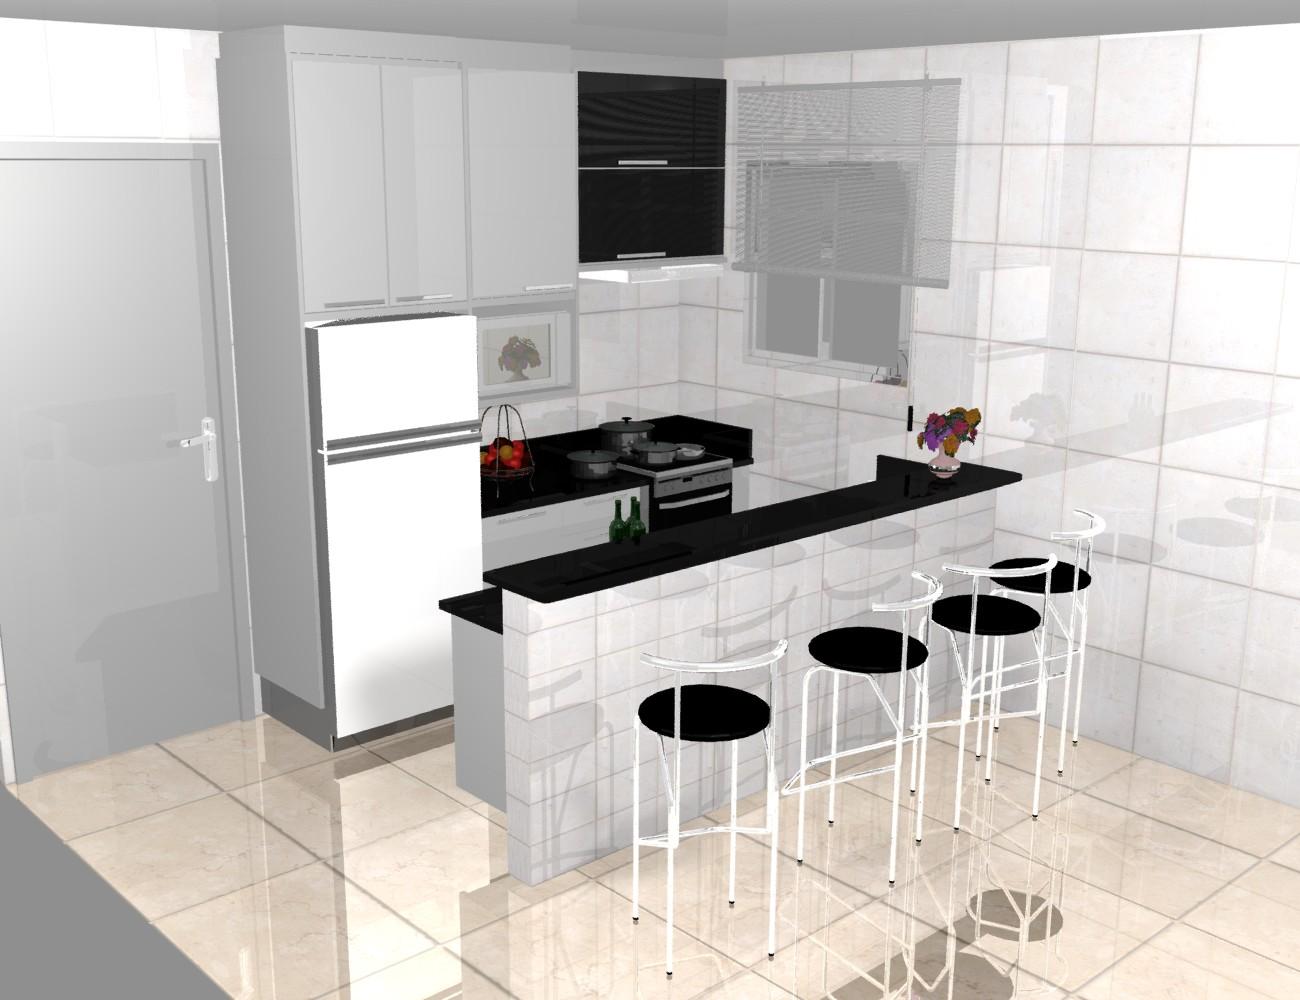 #703324 Essas são algumas inspirações para a minha cozinha. Ainda não sei  1300x1000 px Armario Para Balcao De Cozinha Americana #2143 imagens